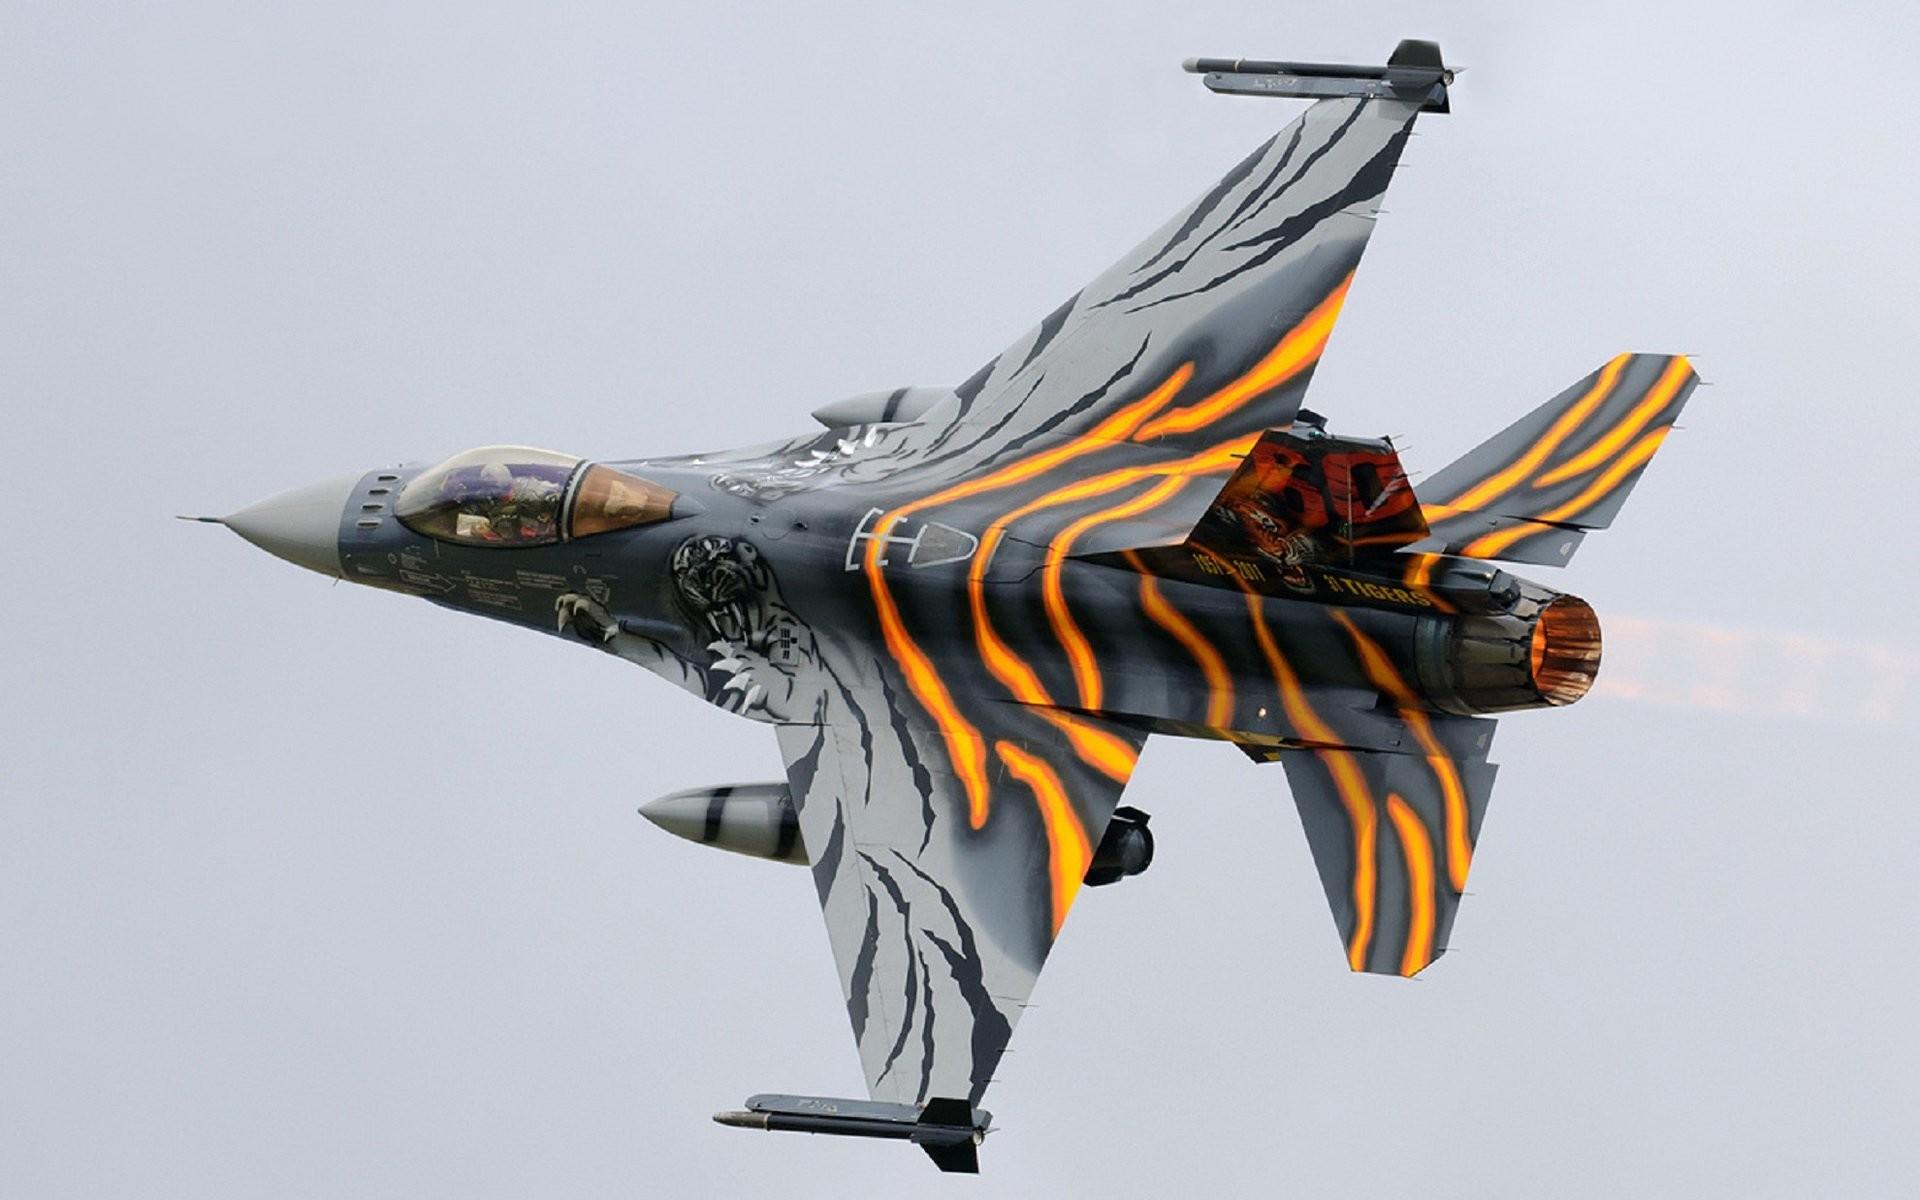 Militar General Dynamics F-16 Fighting Falcon Papel de Parede